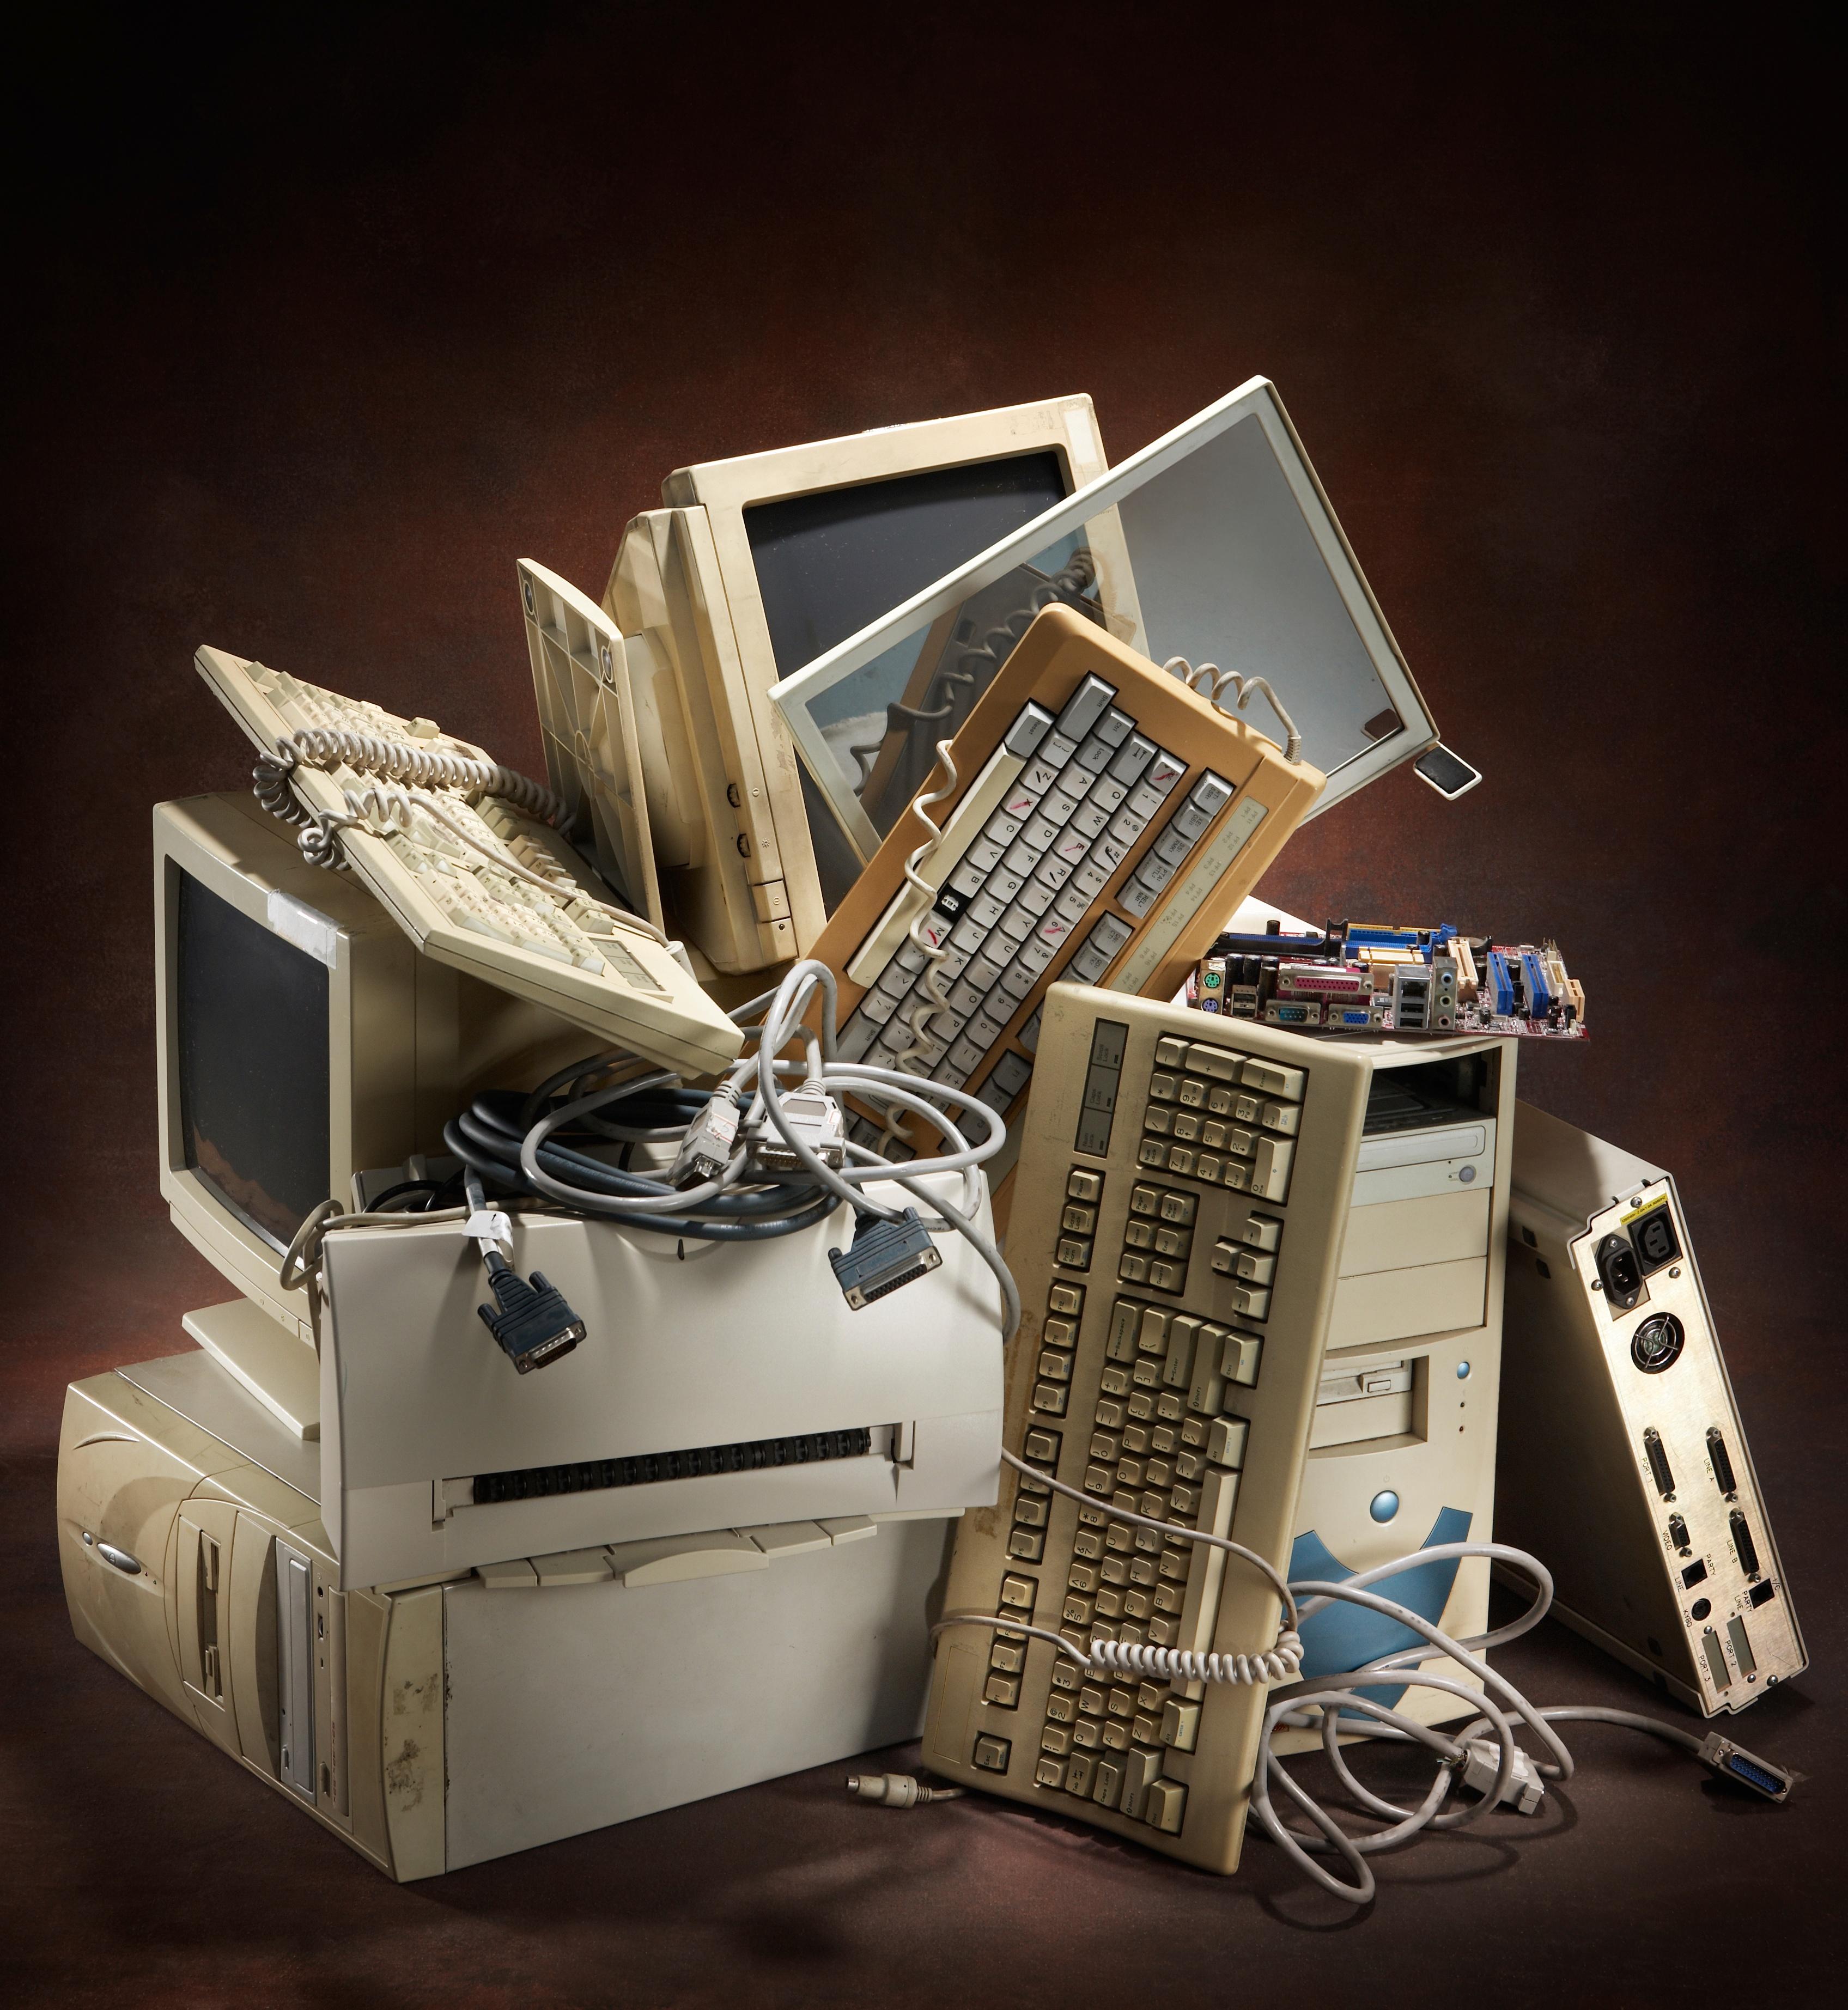 ColdComputerEquipment.jpg